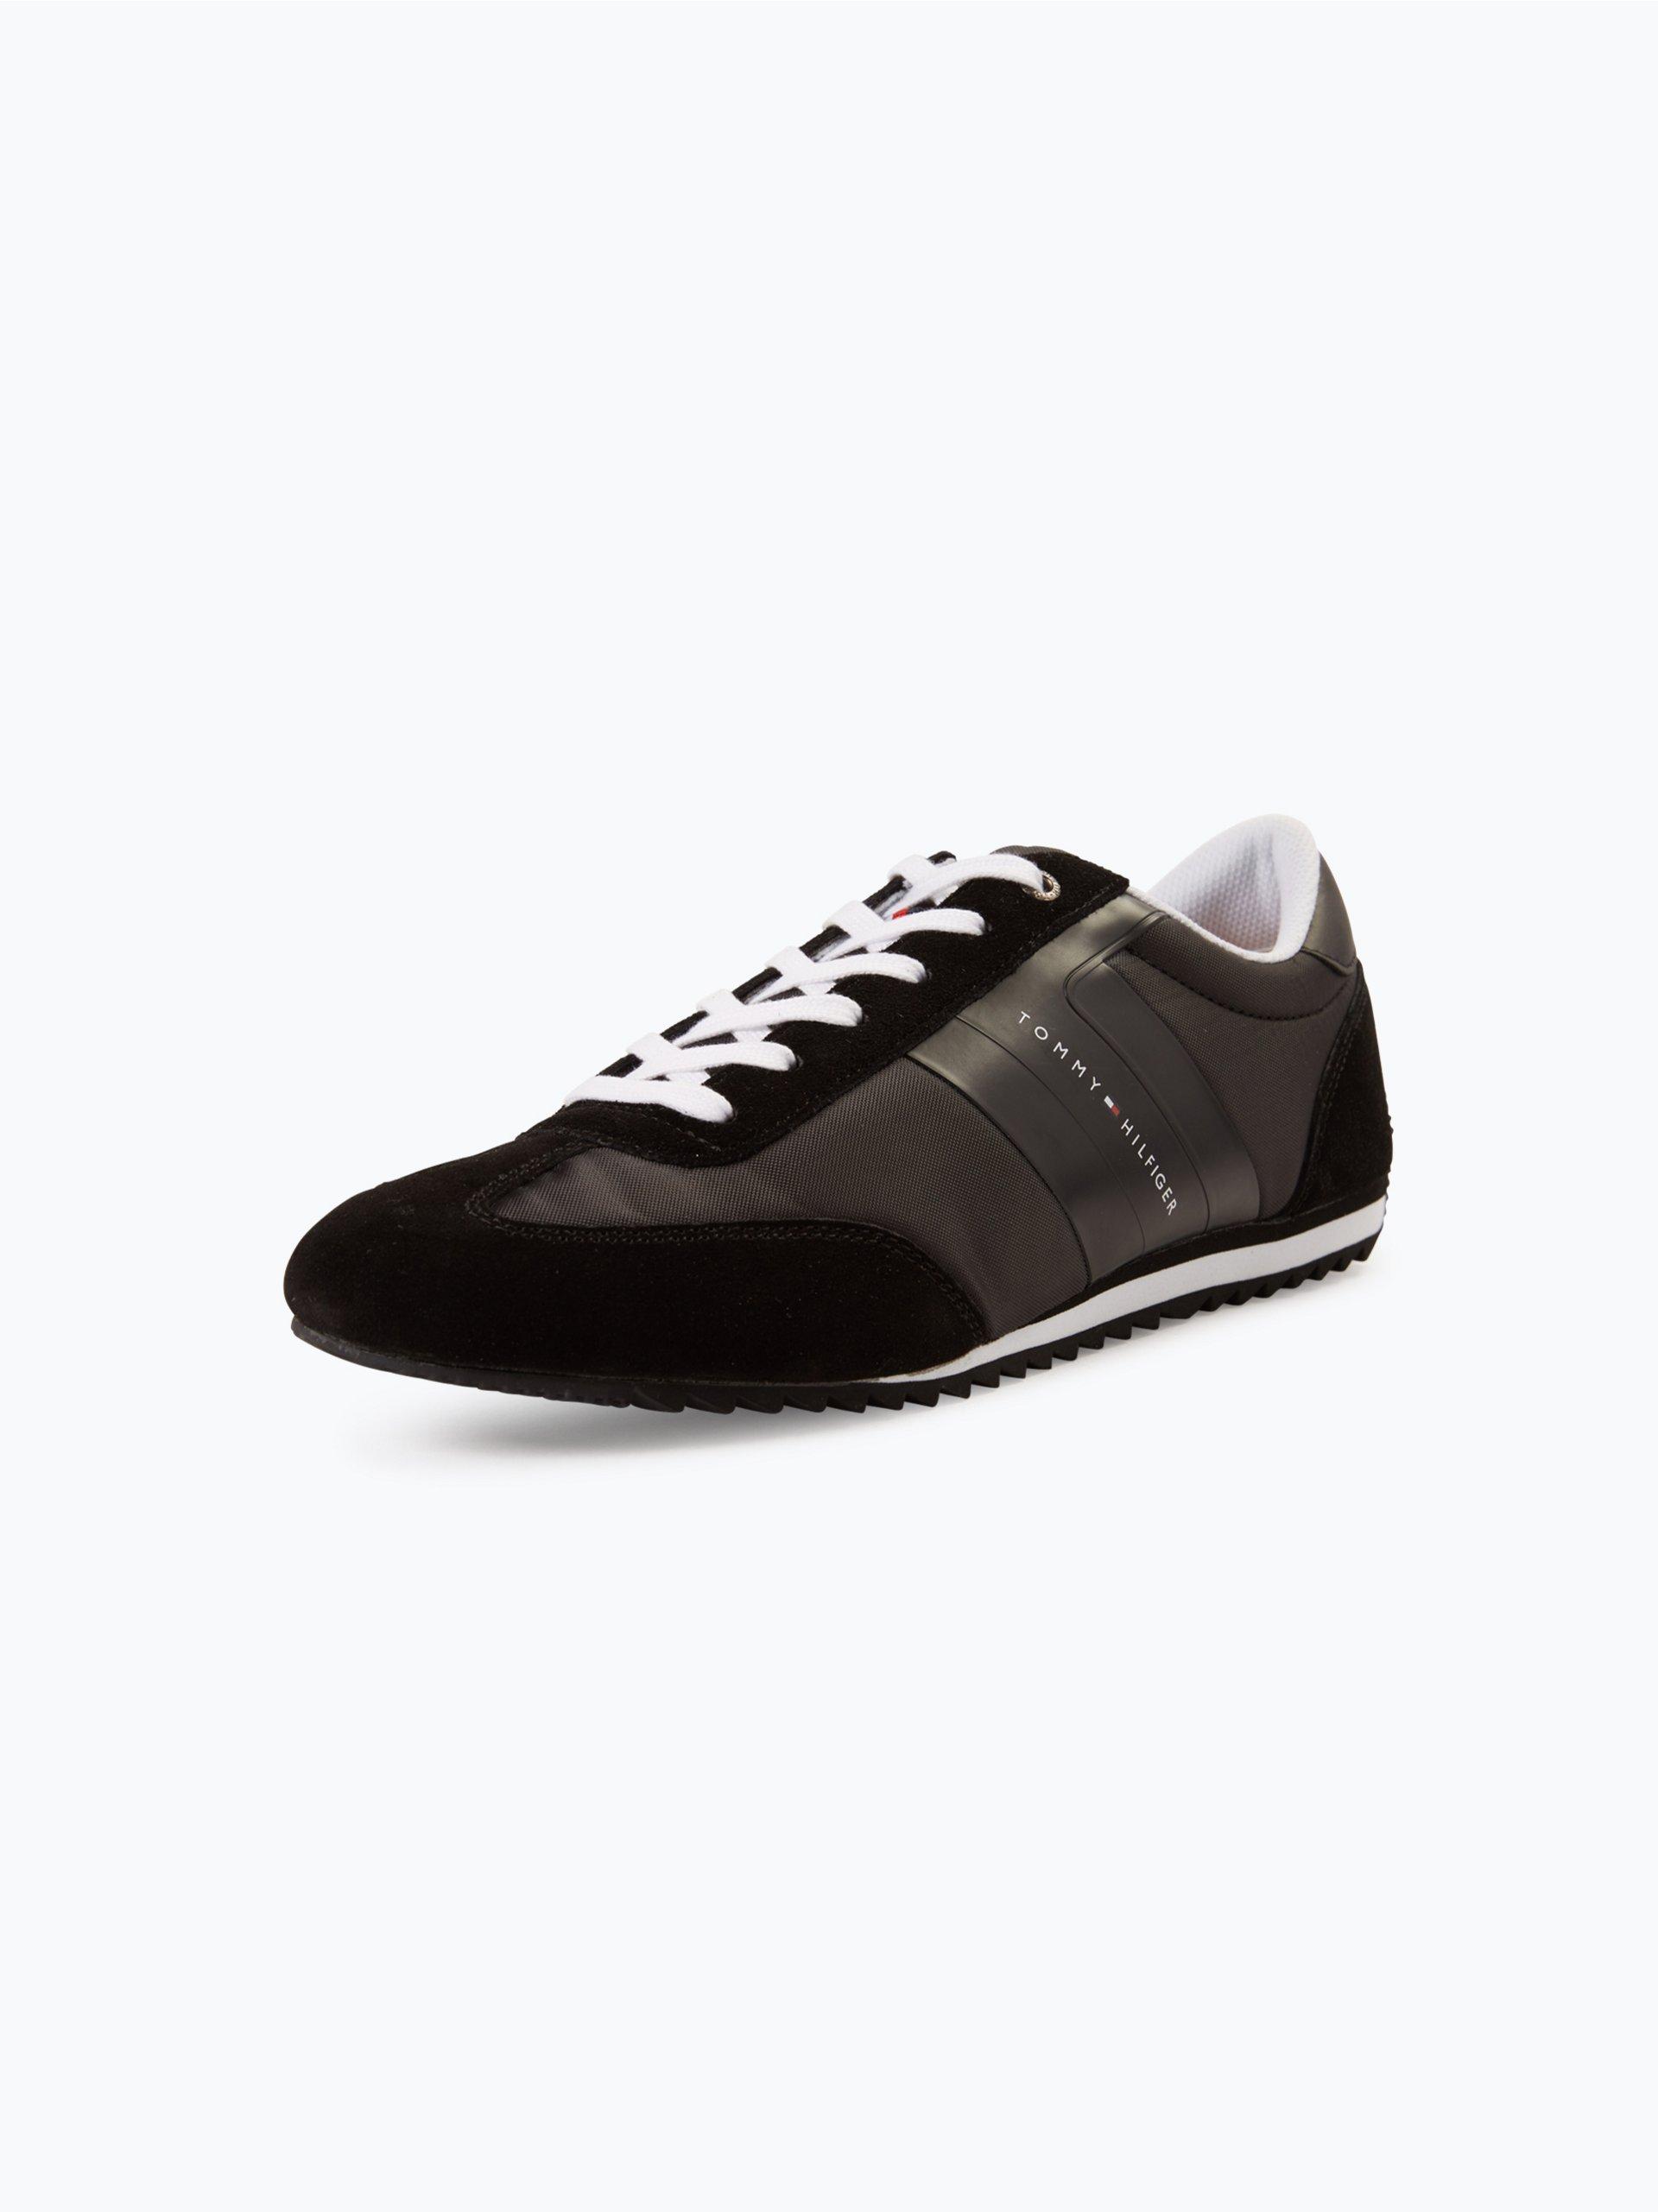 tommy hilfiger herren sneaker mit leder anteil branson 8c1 schwarz uni online kaufen peek. Black Bedroom Furniture Sets. Home Design Ideas